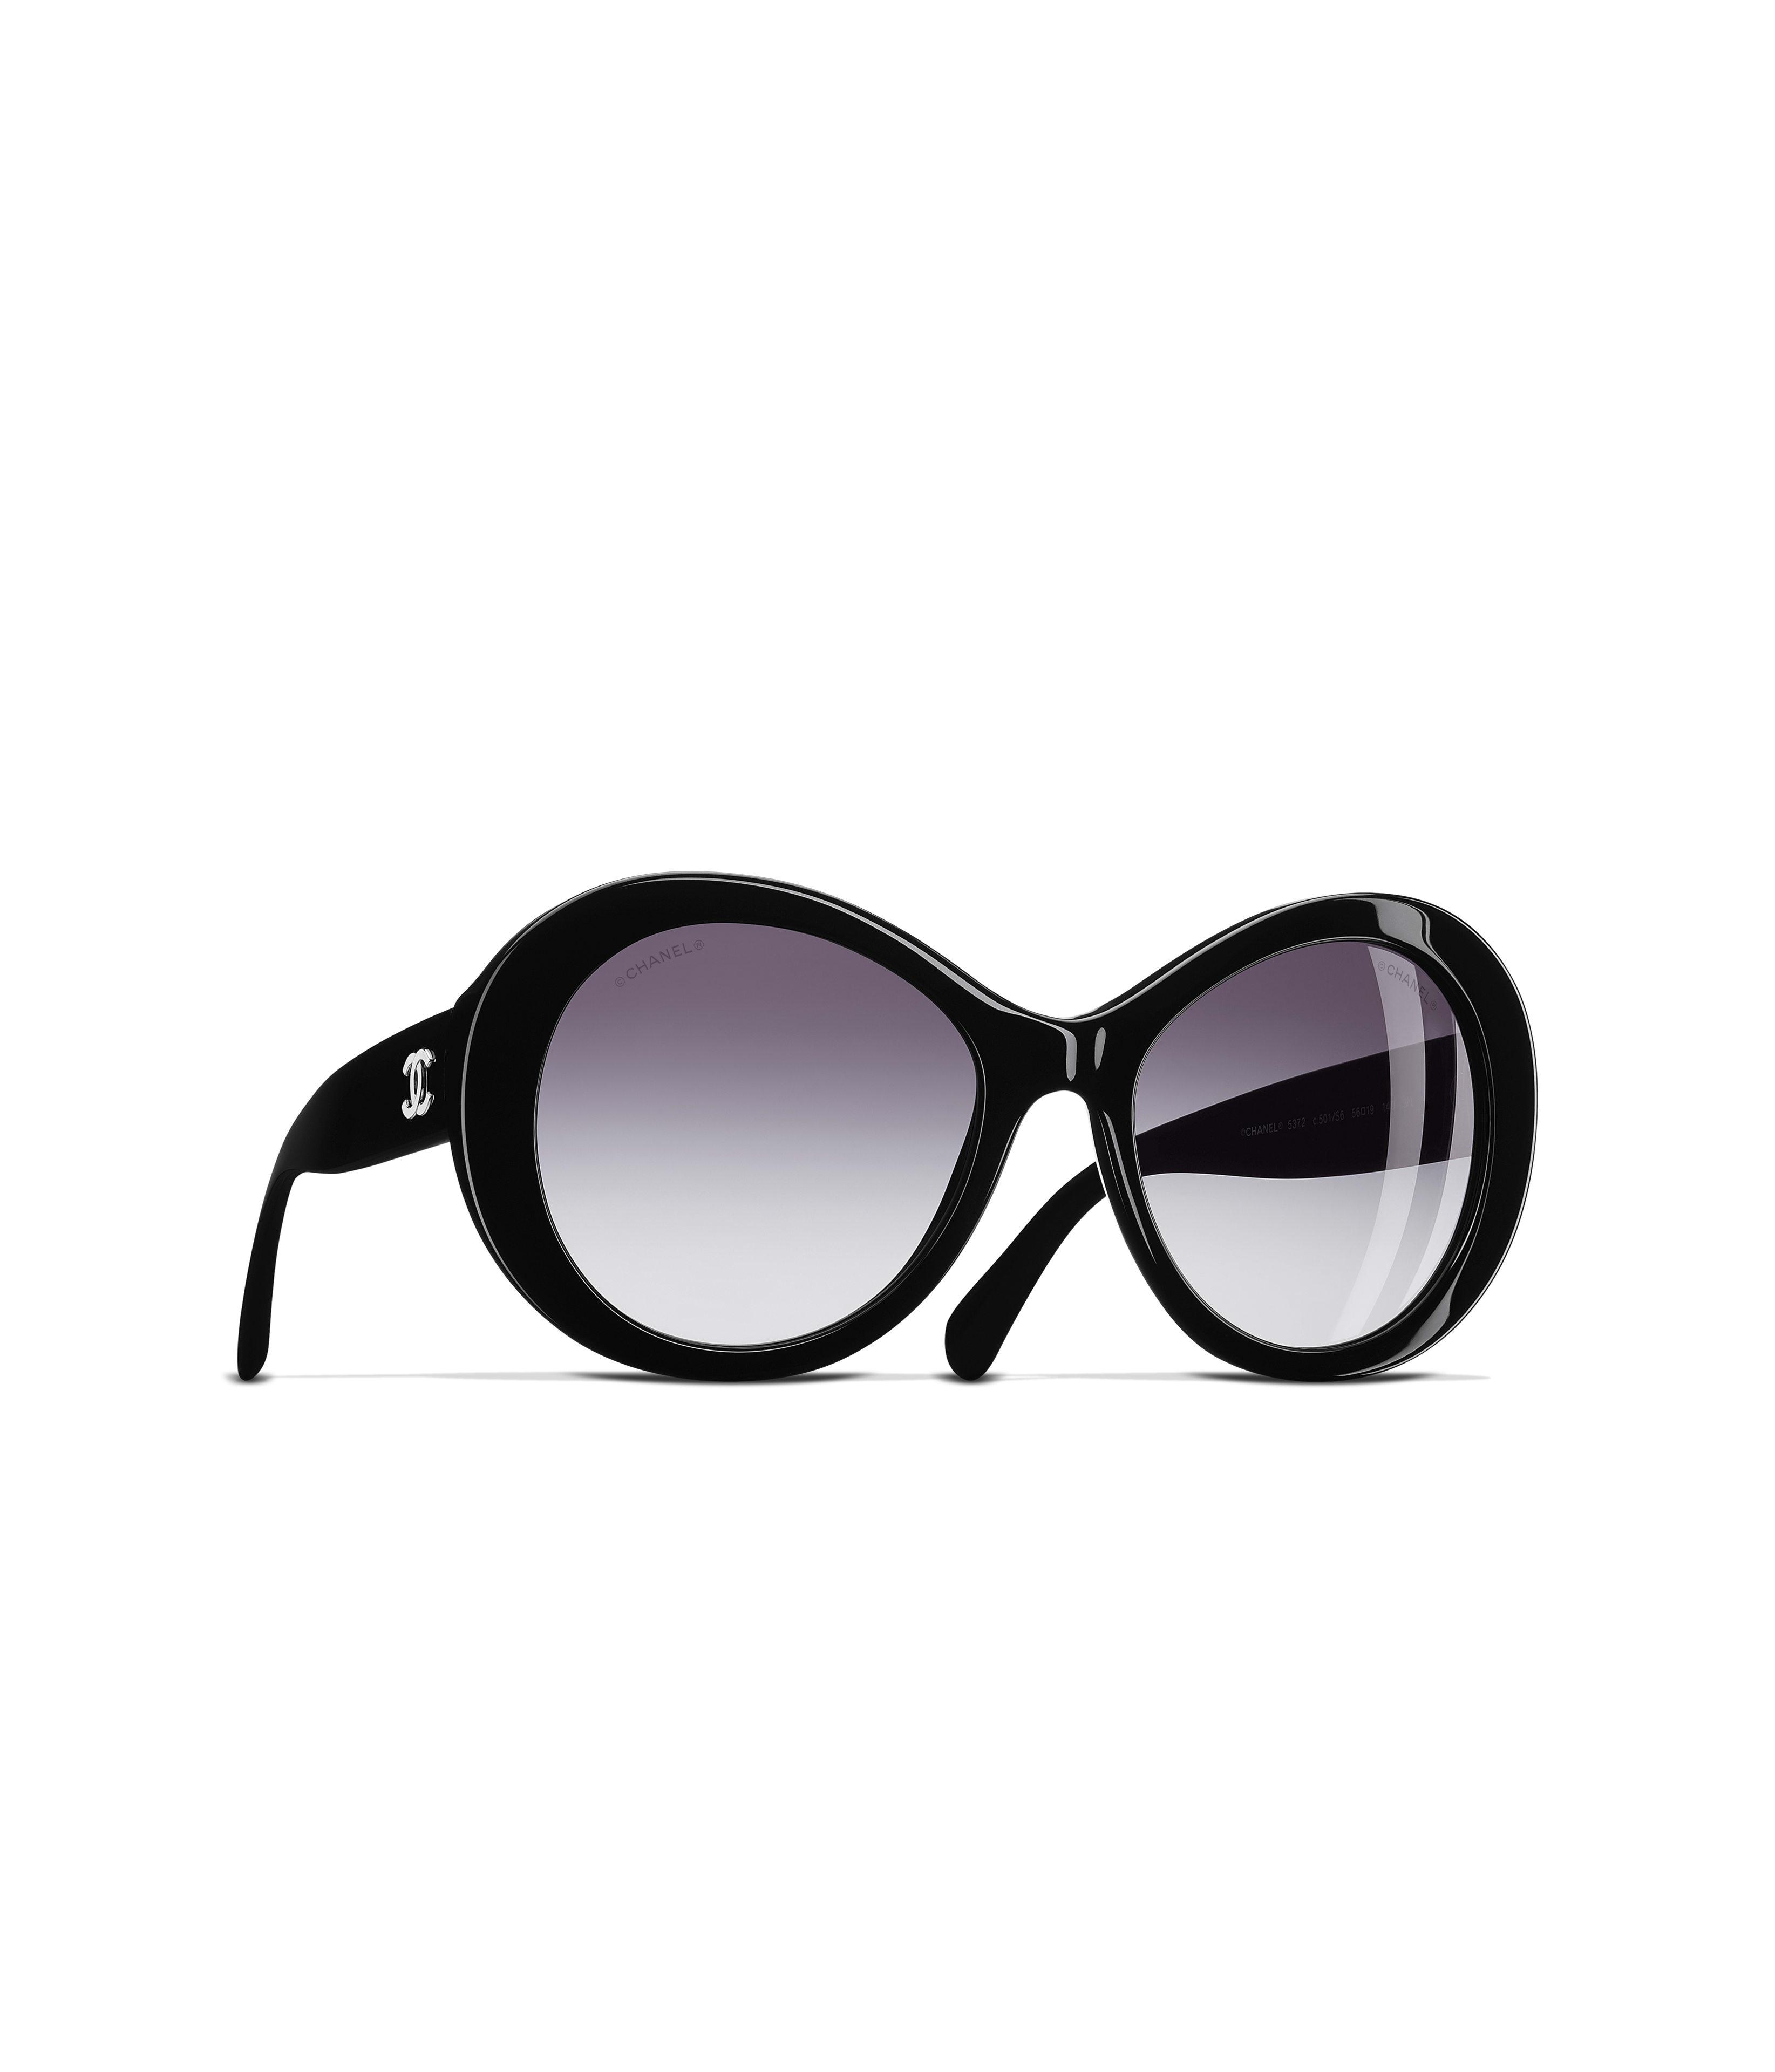 แว่นตากันแดดทรงรี